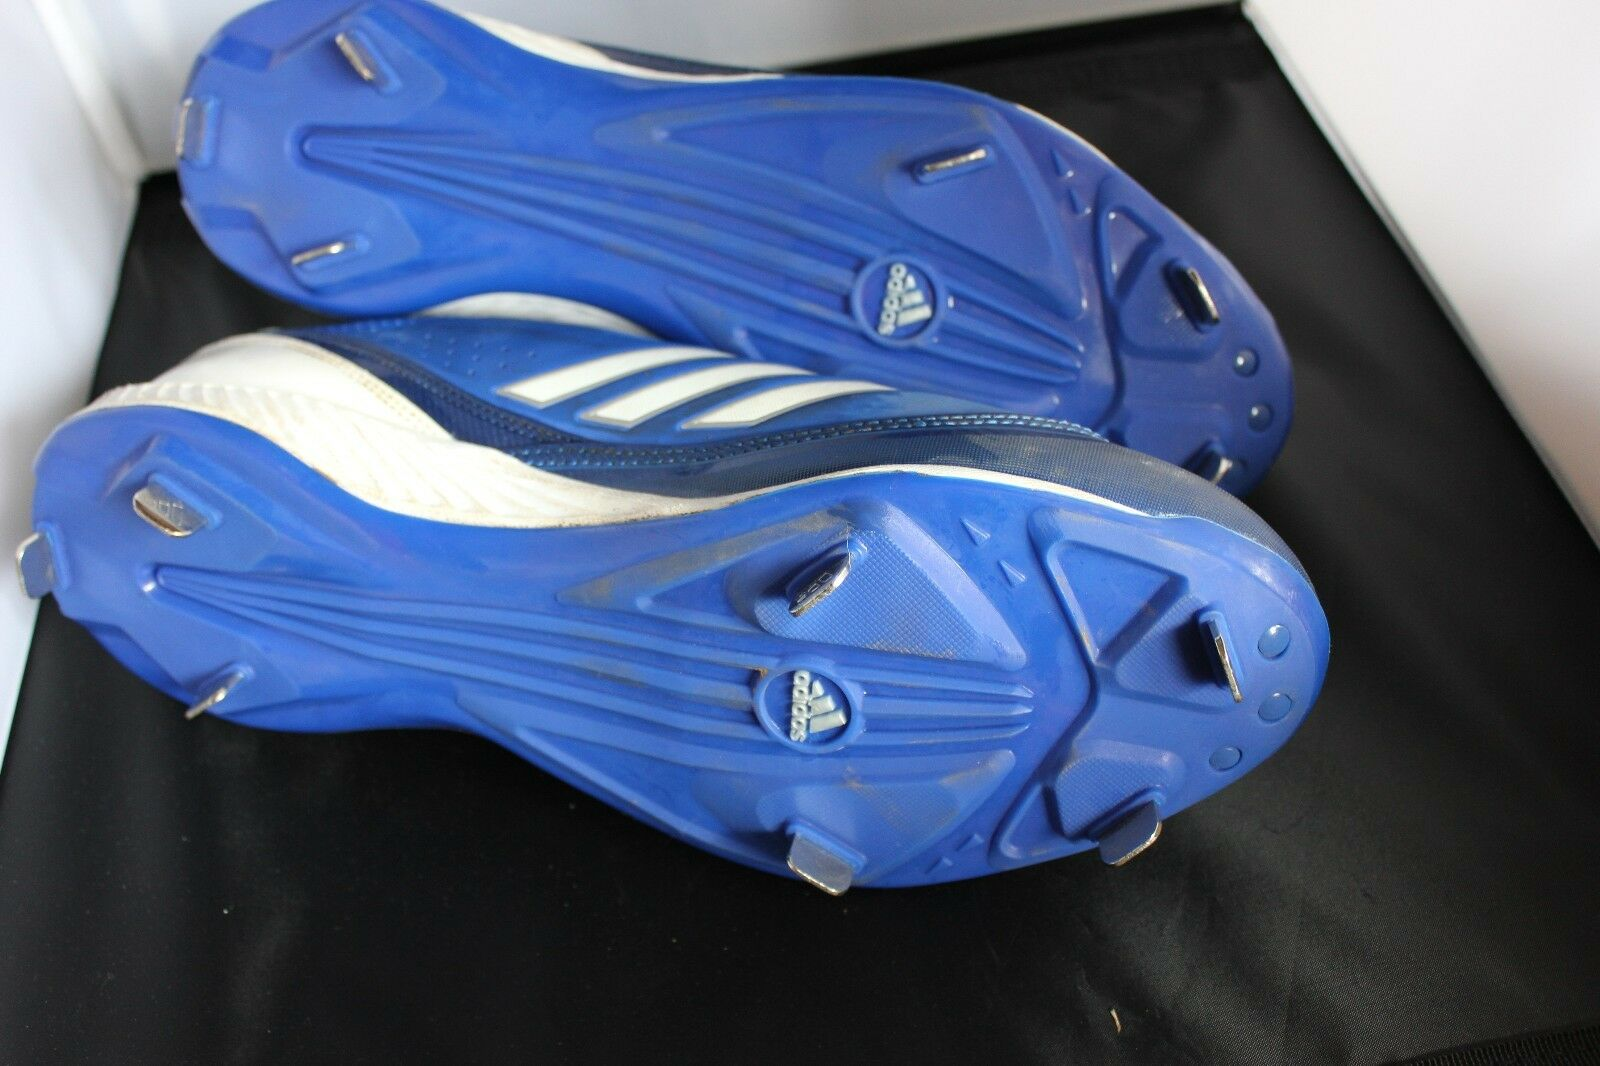 Adidas - 365 dunkelblau, weiße metall stollen niedrig - softball - stollen metall mens, 11,5 5019e6